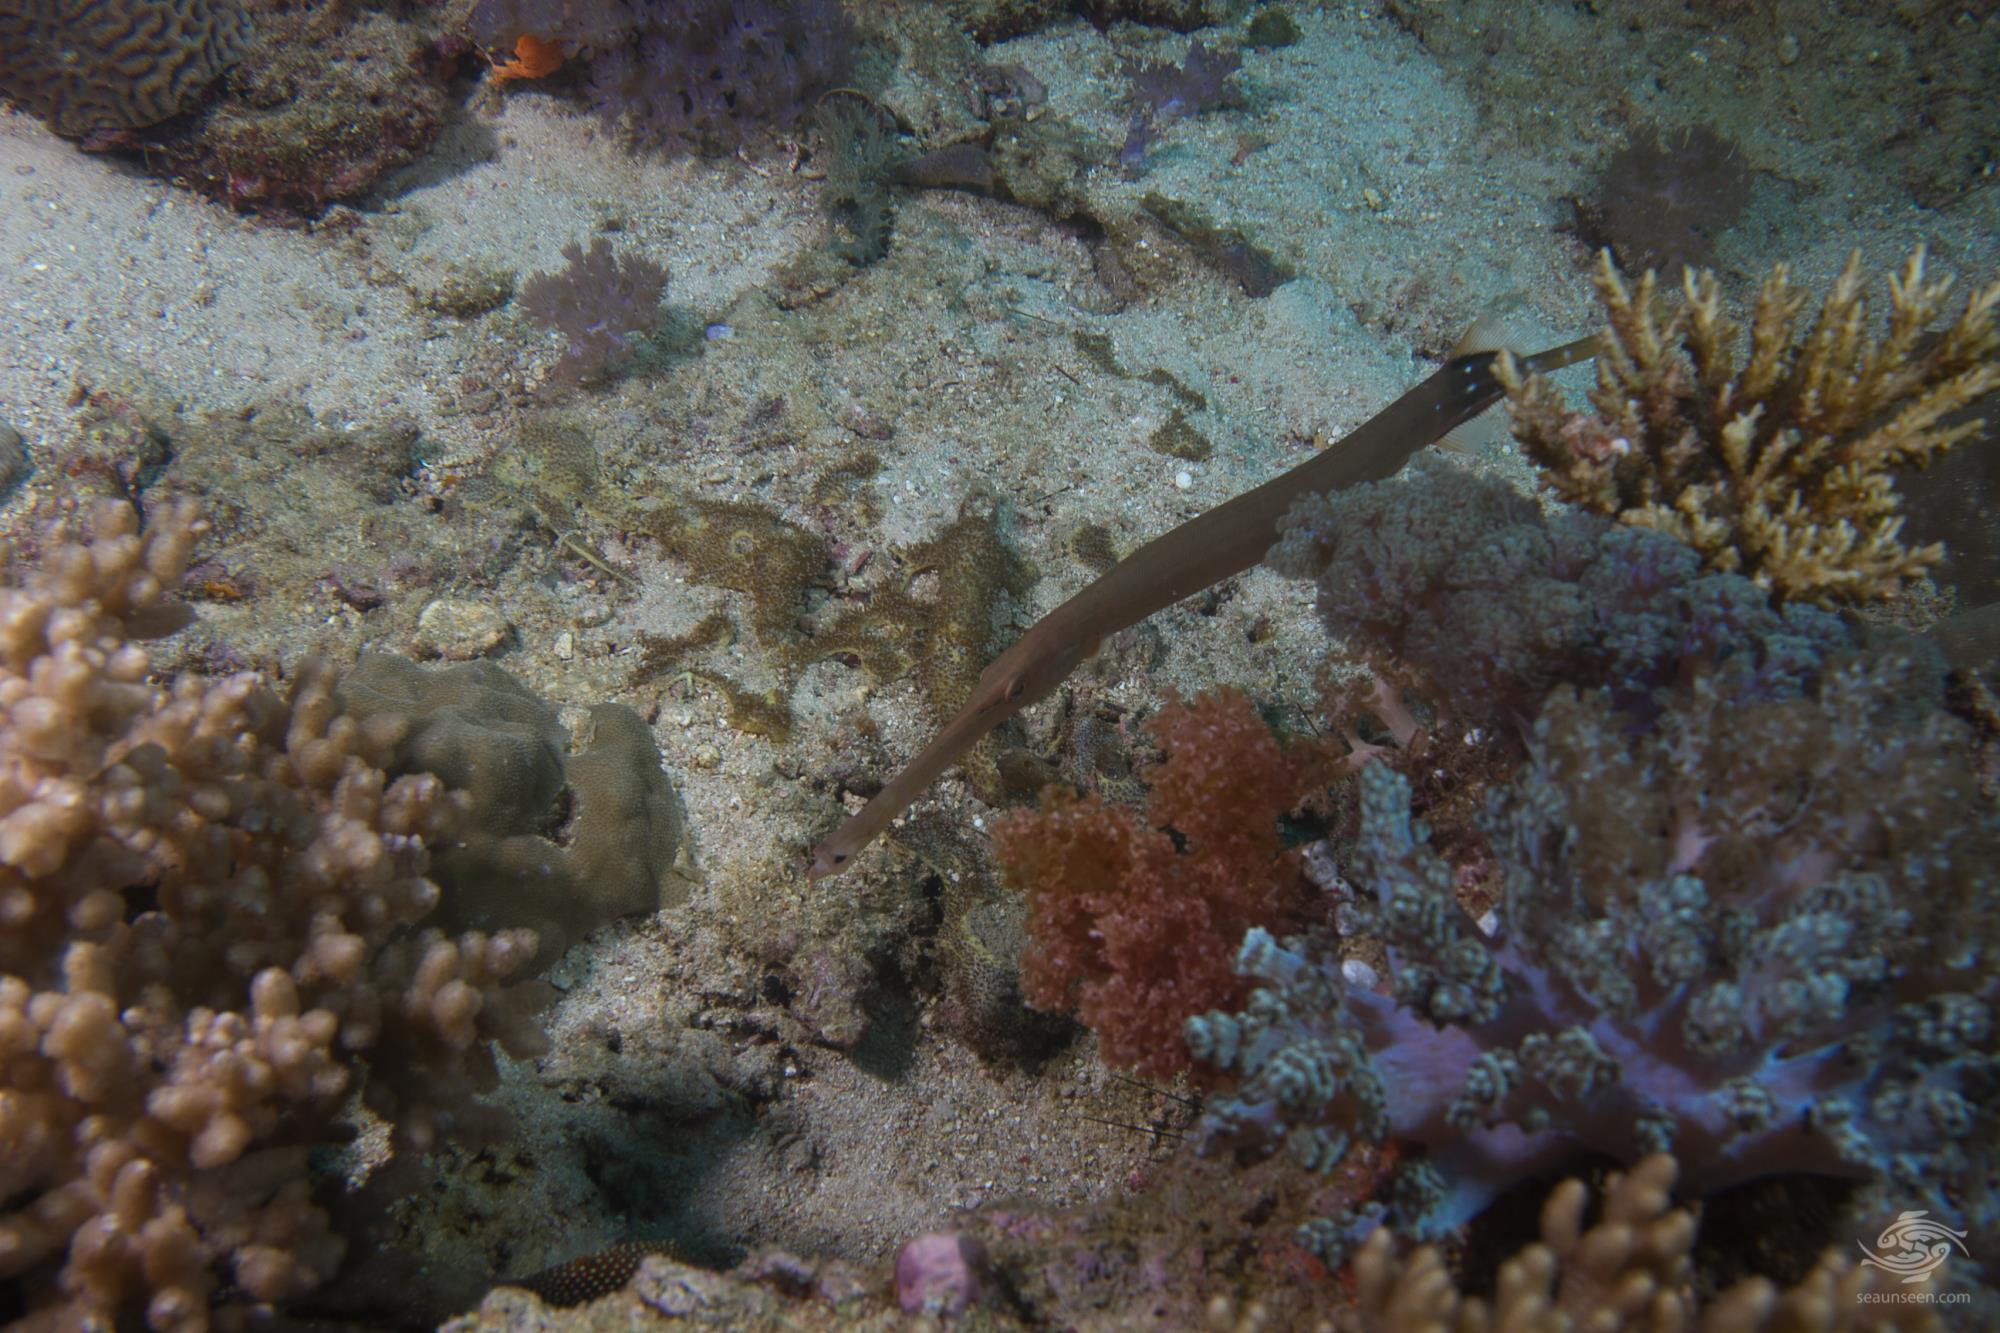 trumpetfish (Aulostomus chinensis)